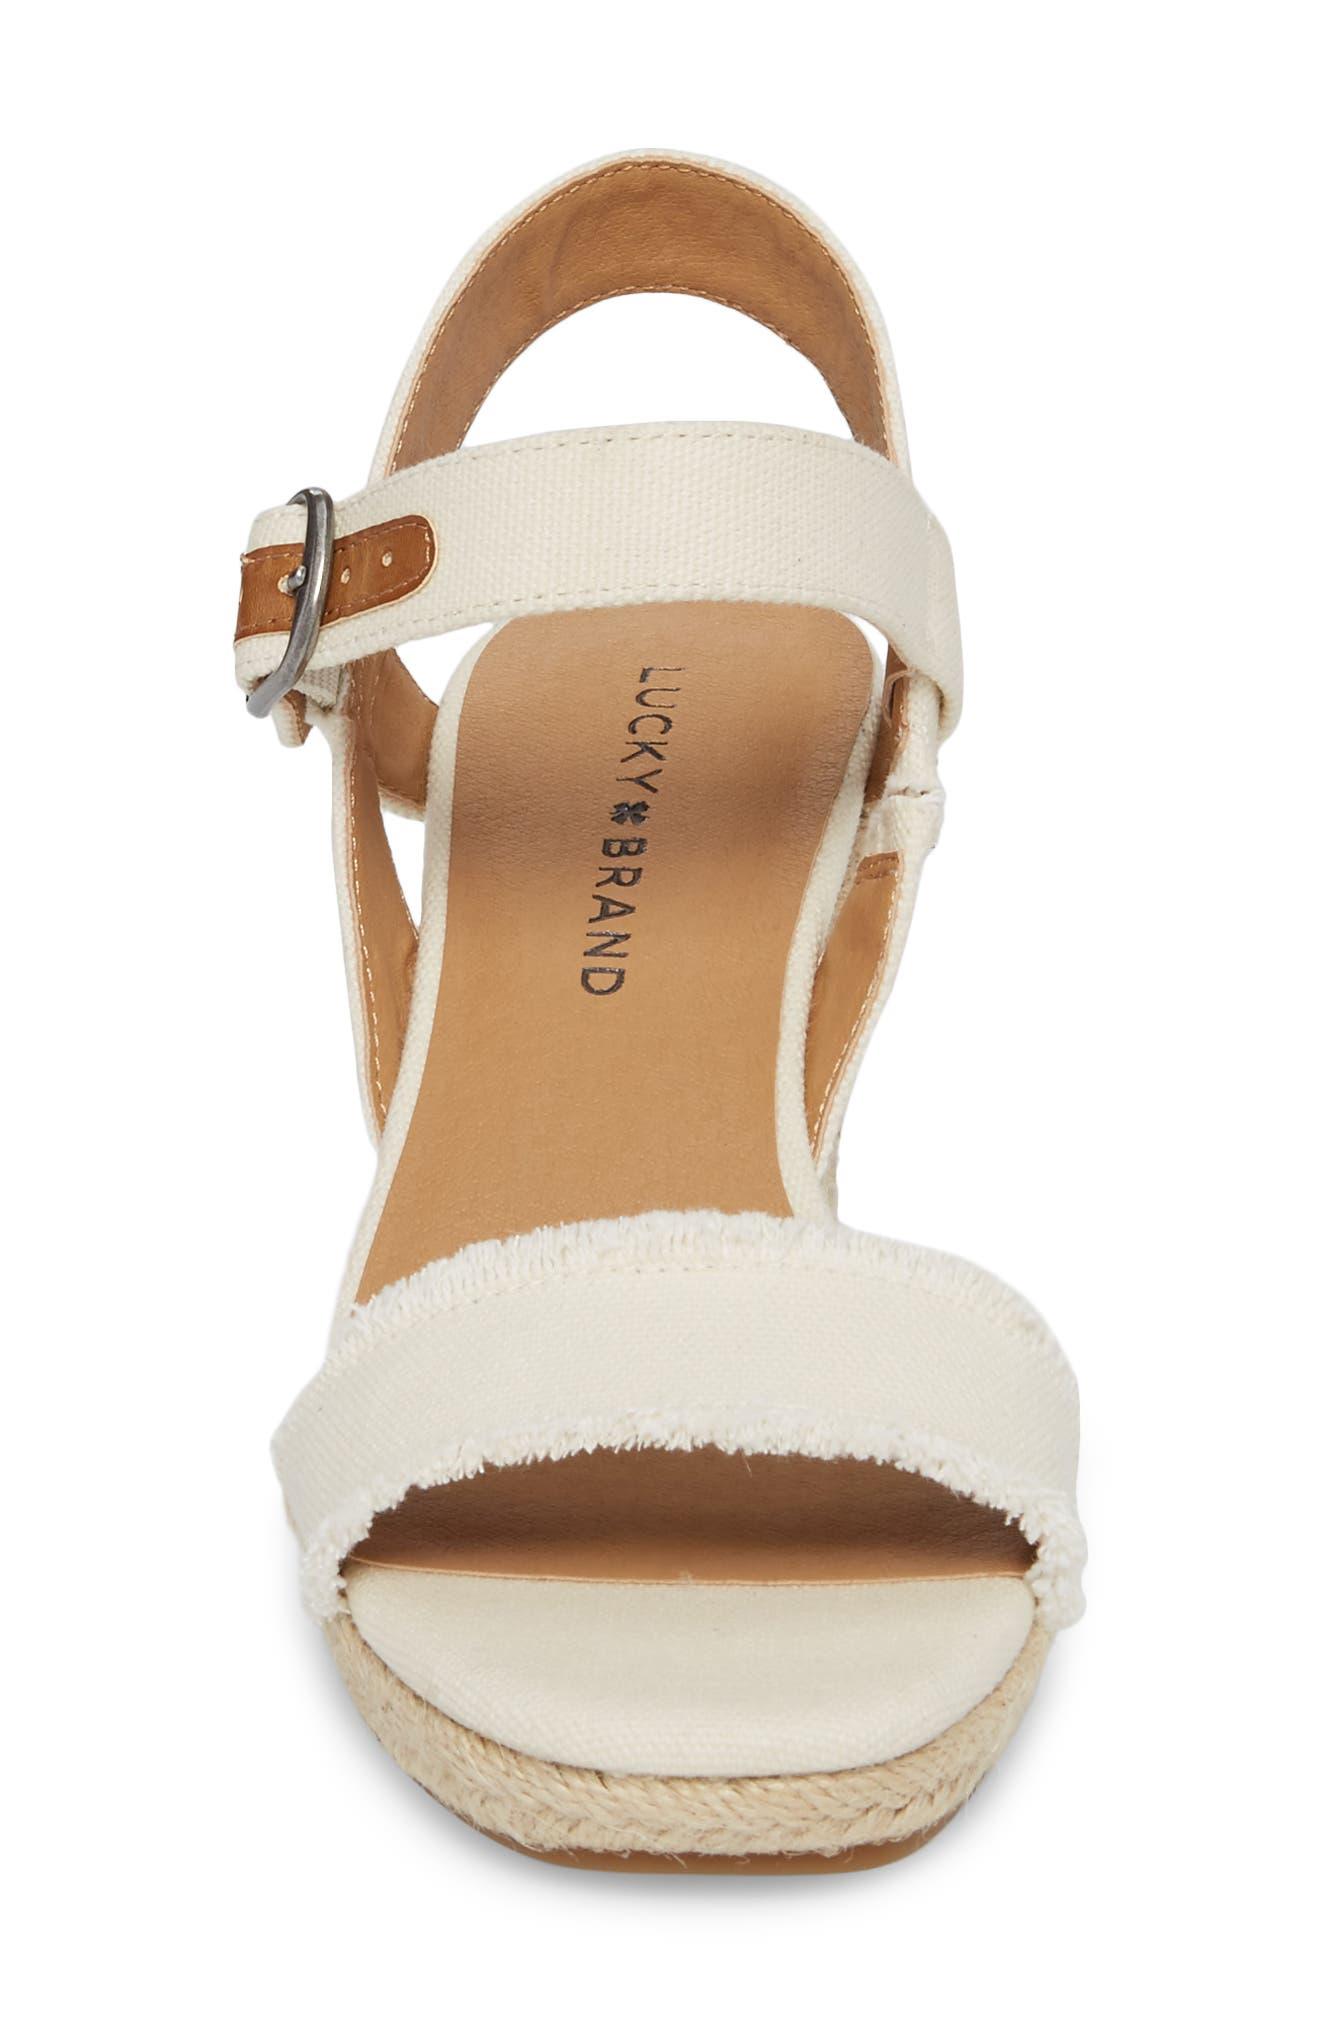 Marceline Squared Toe Wedge Sandal,                             Alternate thumbnail 23, color,